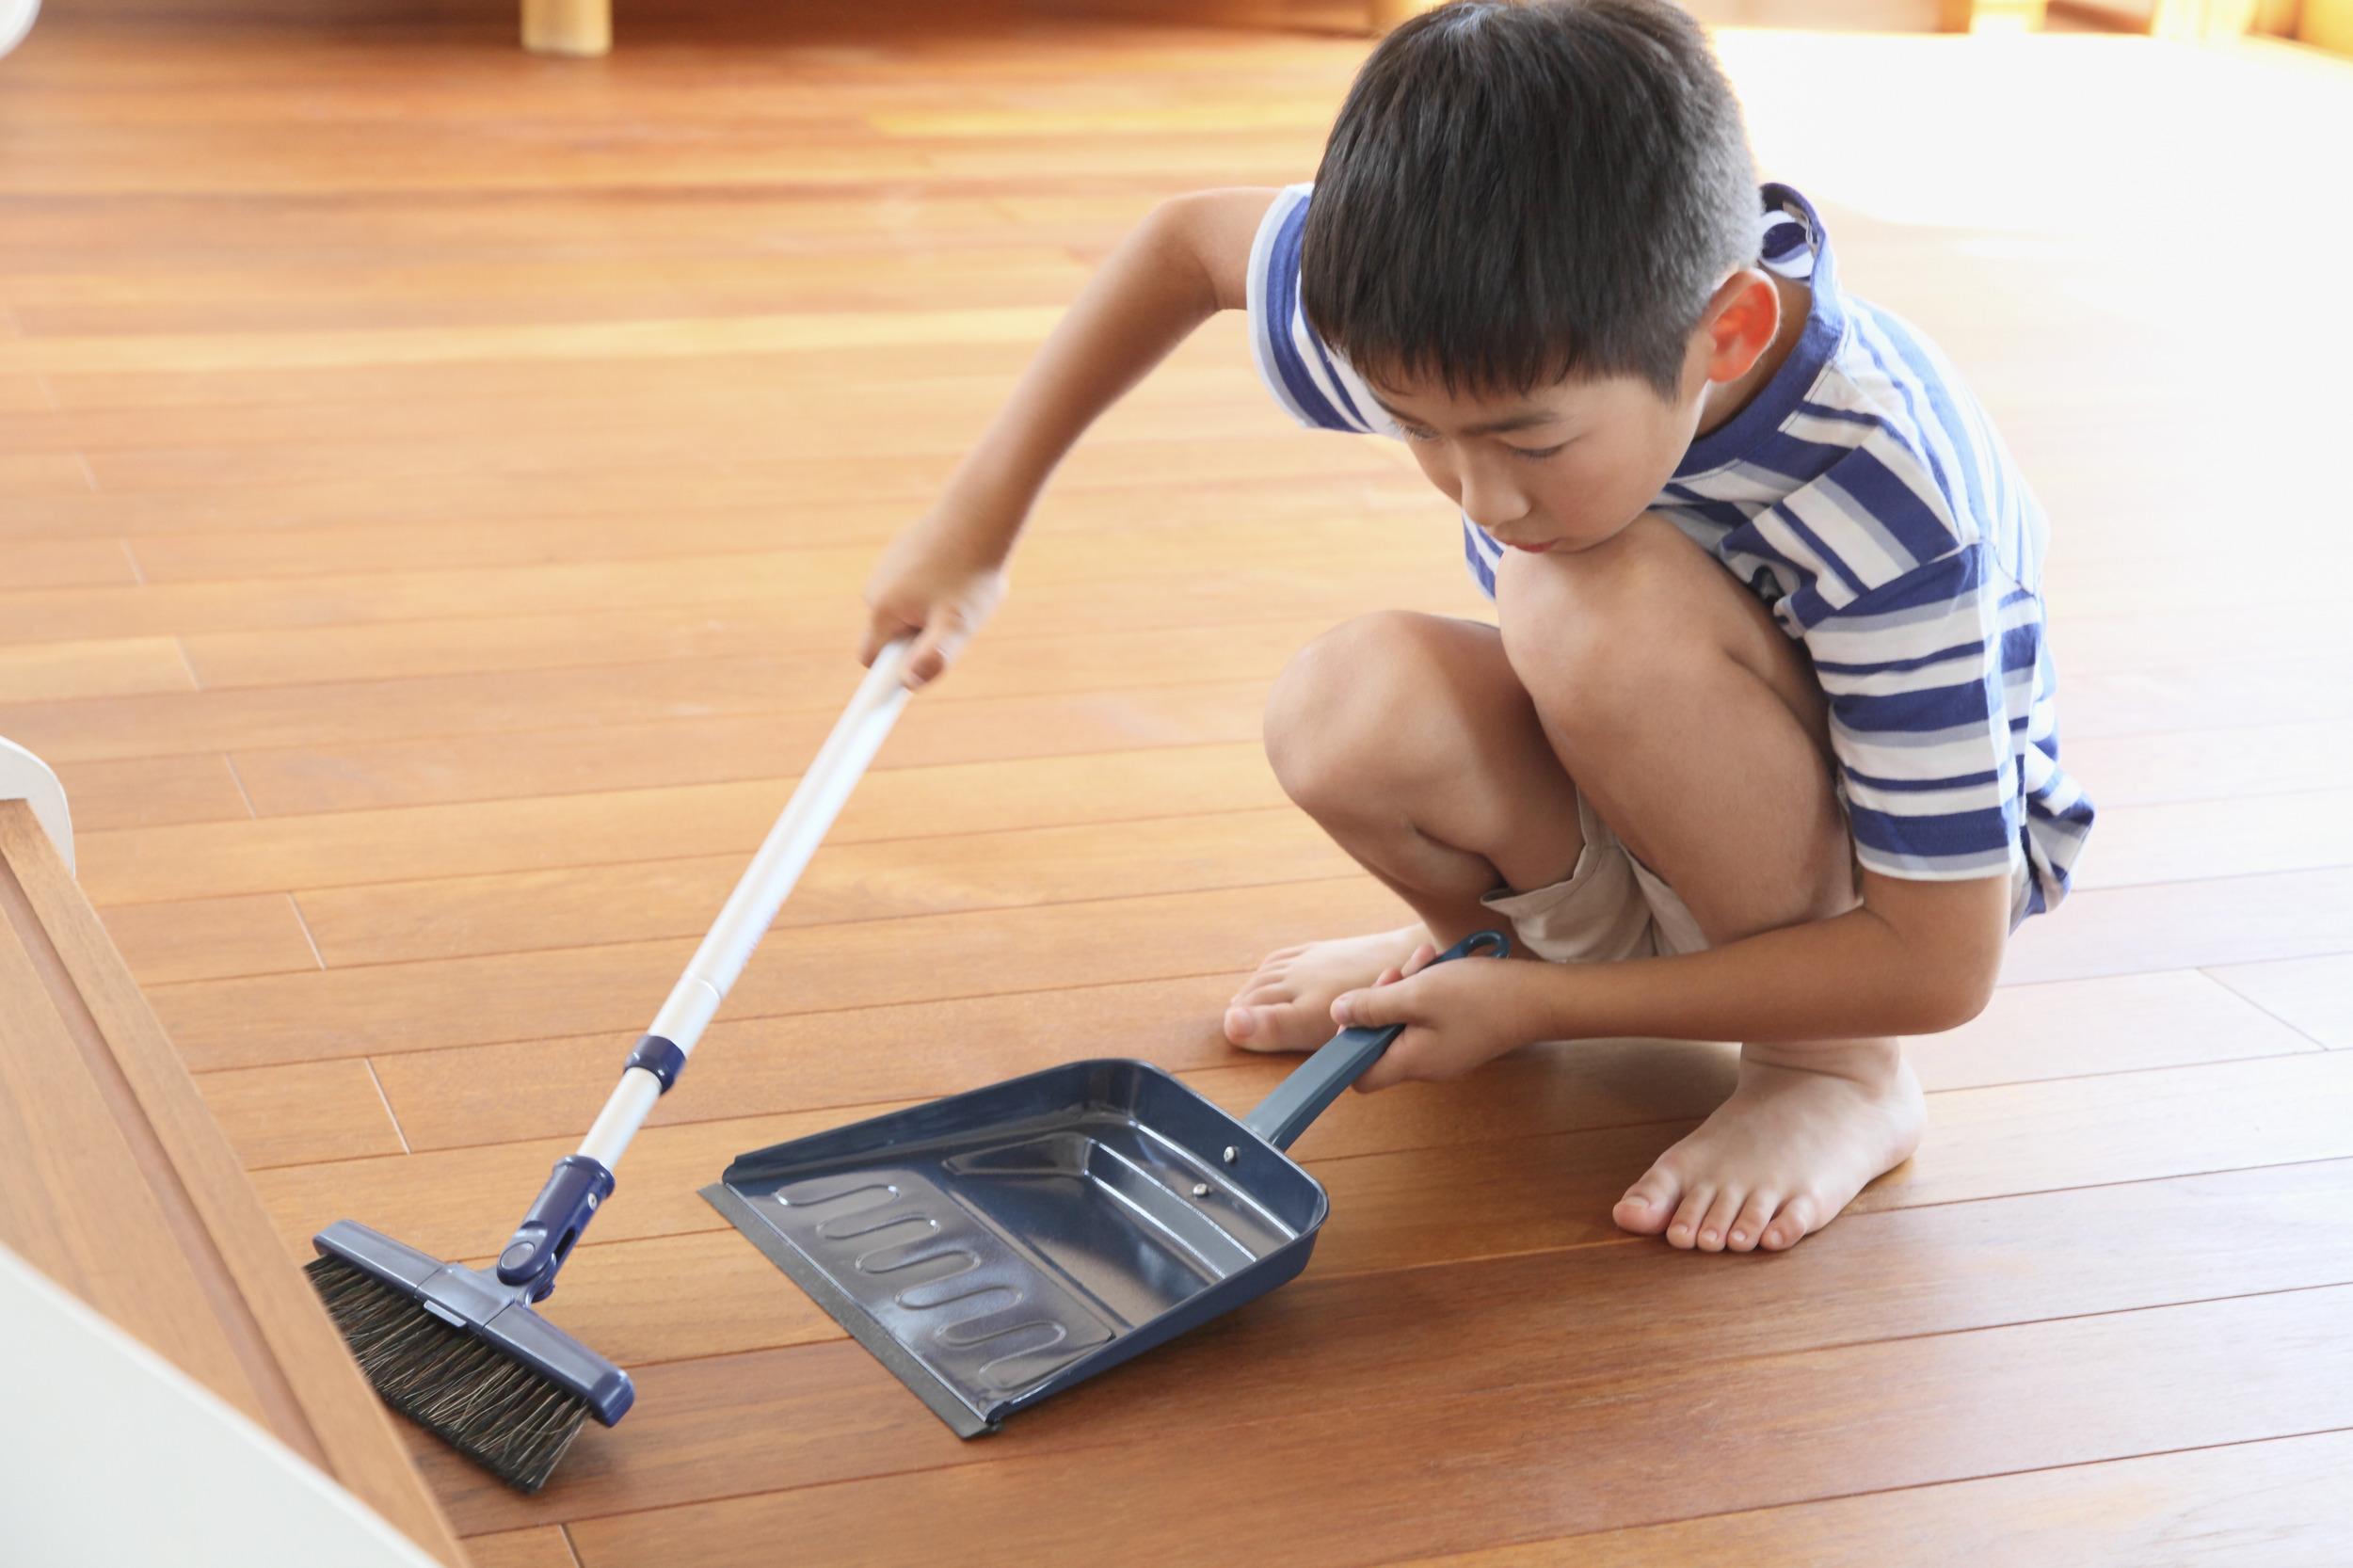 boy with dustpan